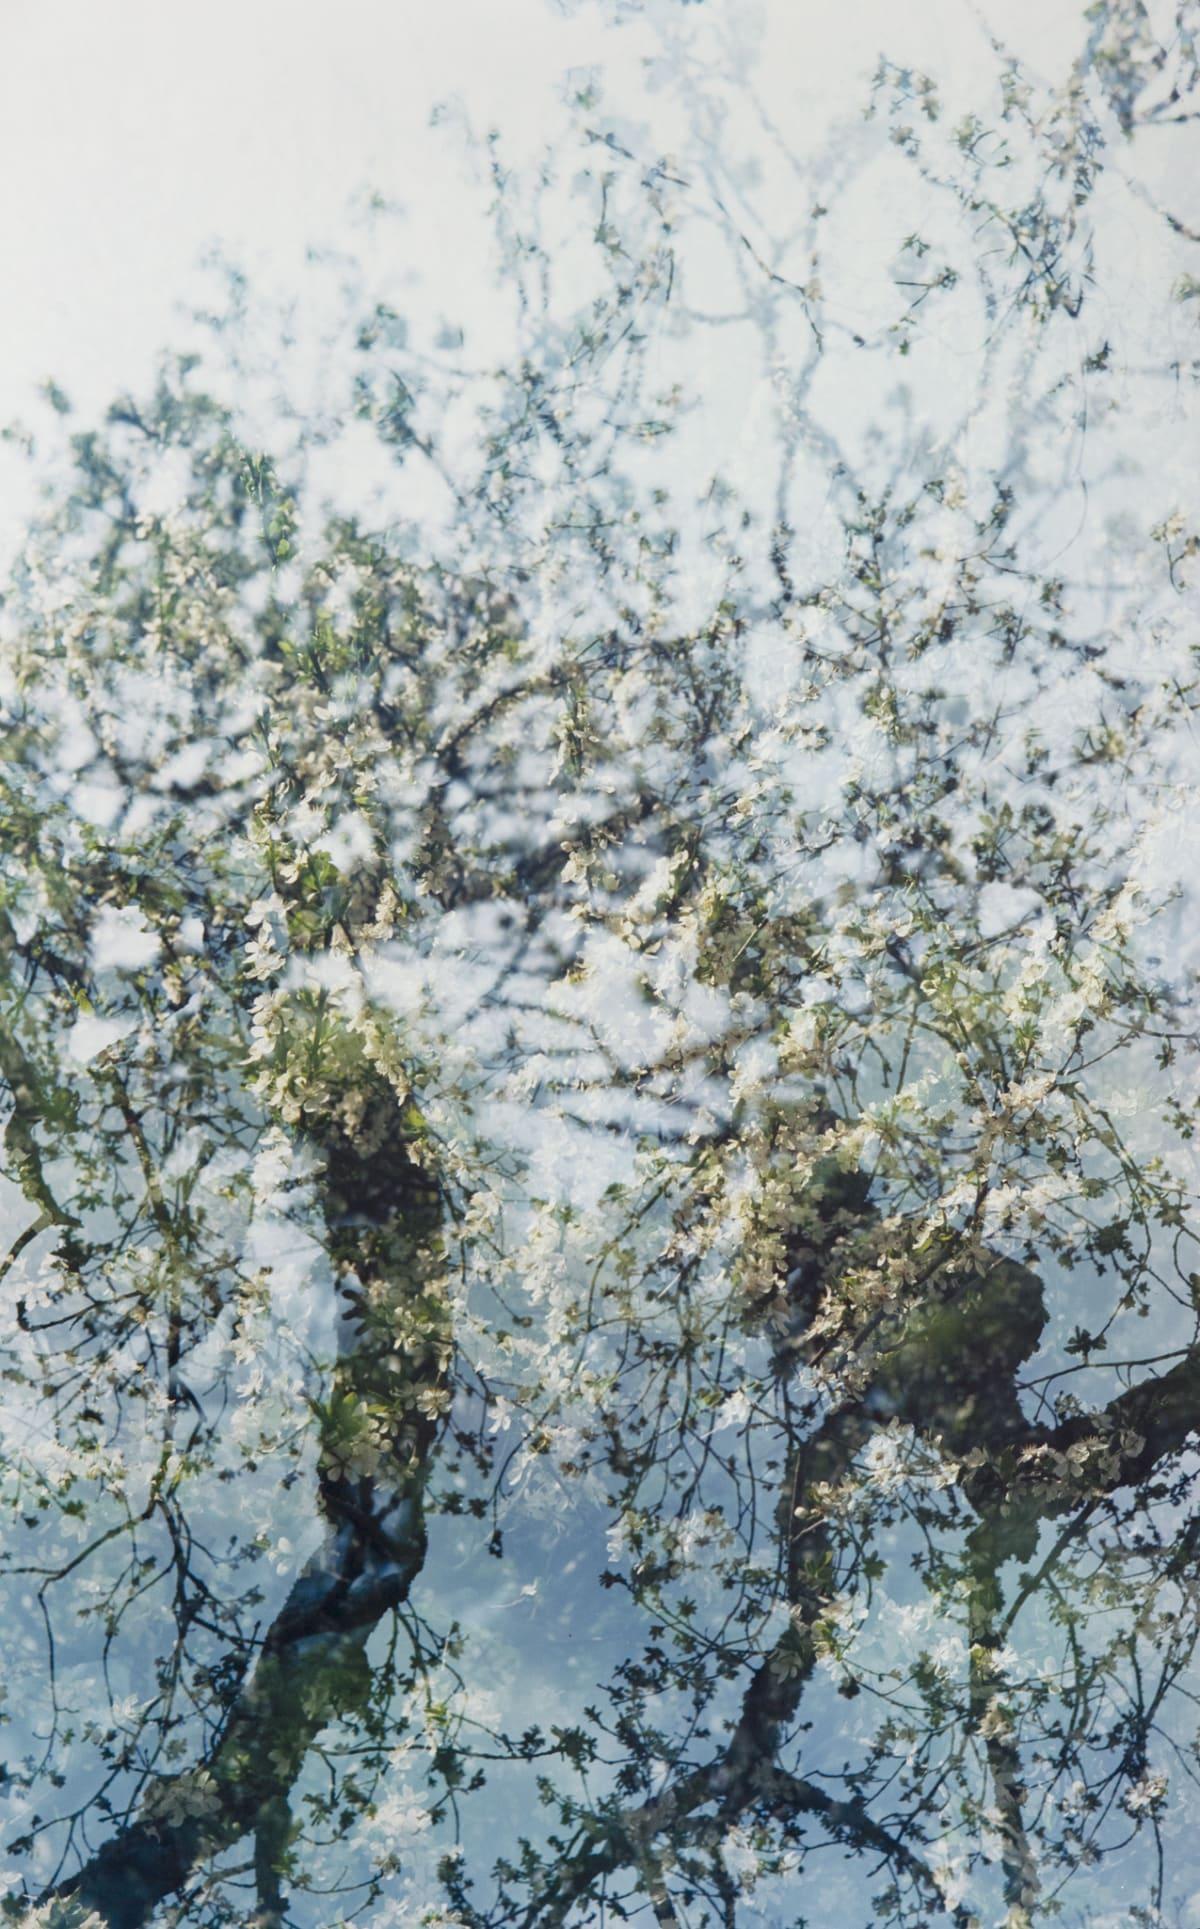 Erle M. Kyllingmark, Untitled Journey #14, 2018